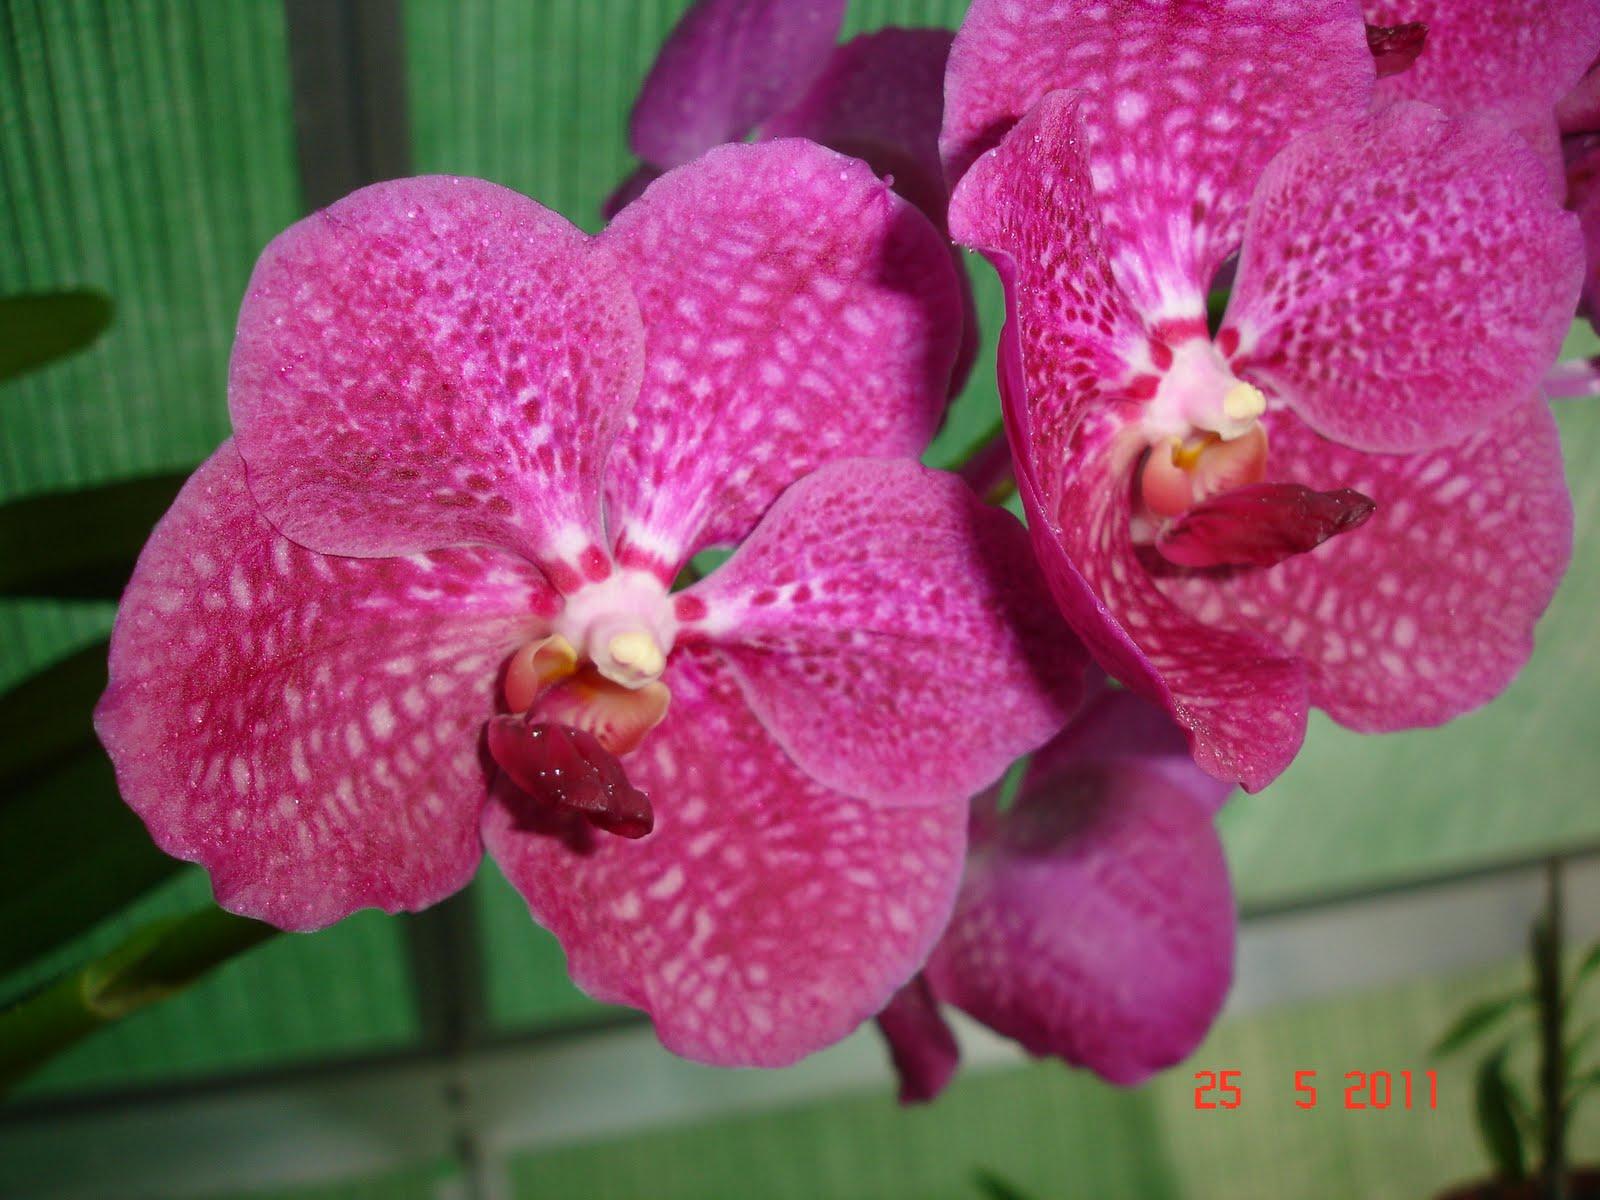 Esta vanda todos os anos dá flor, este ano com mais inflorescências